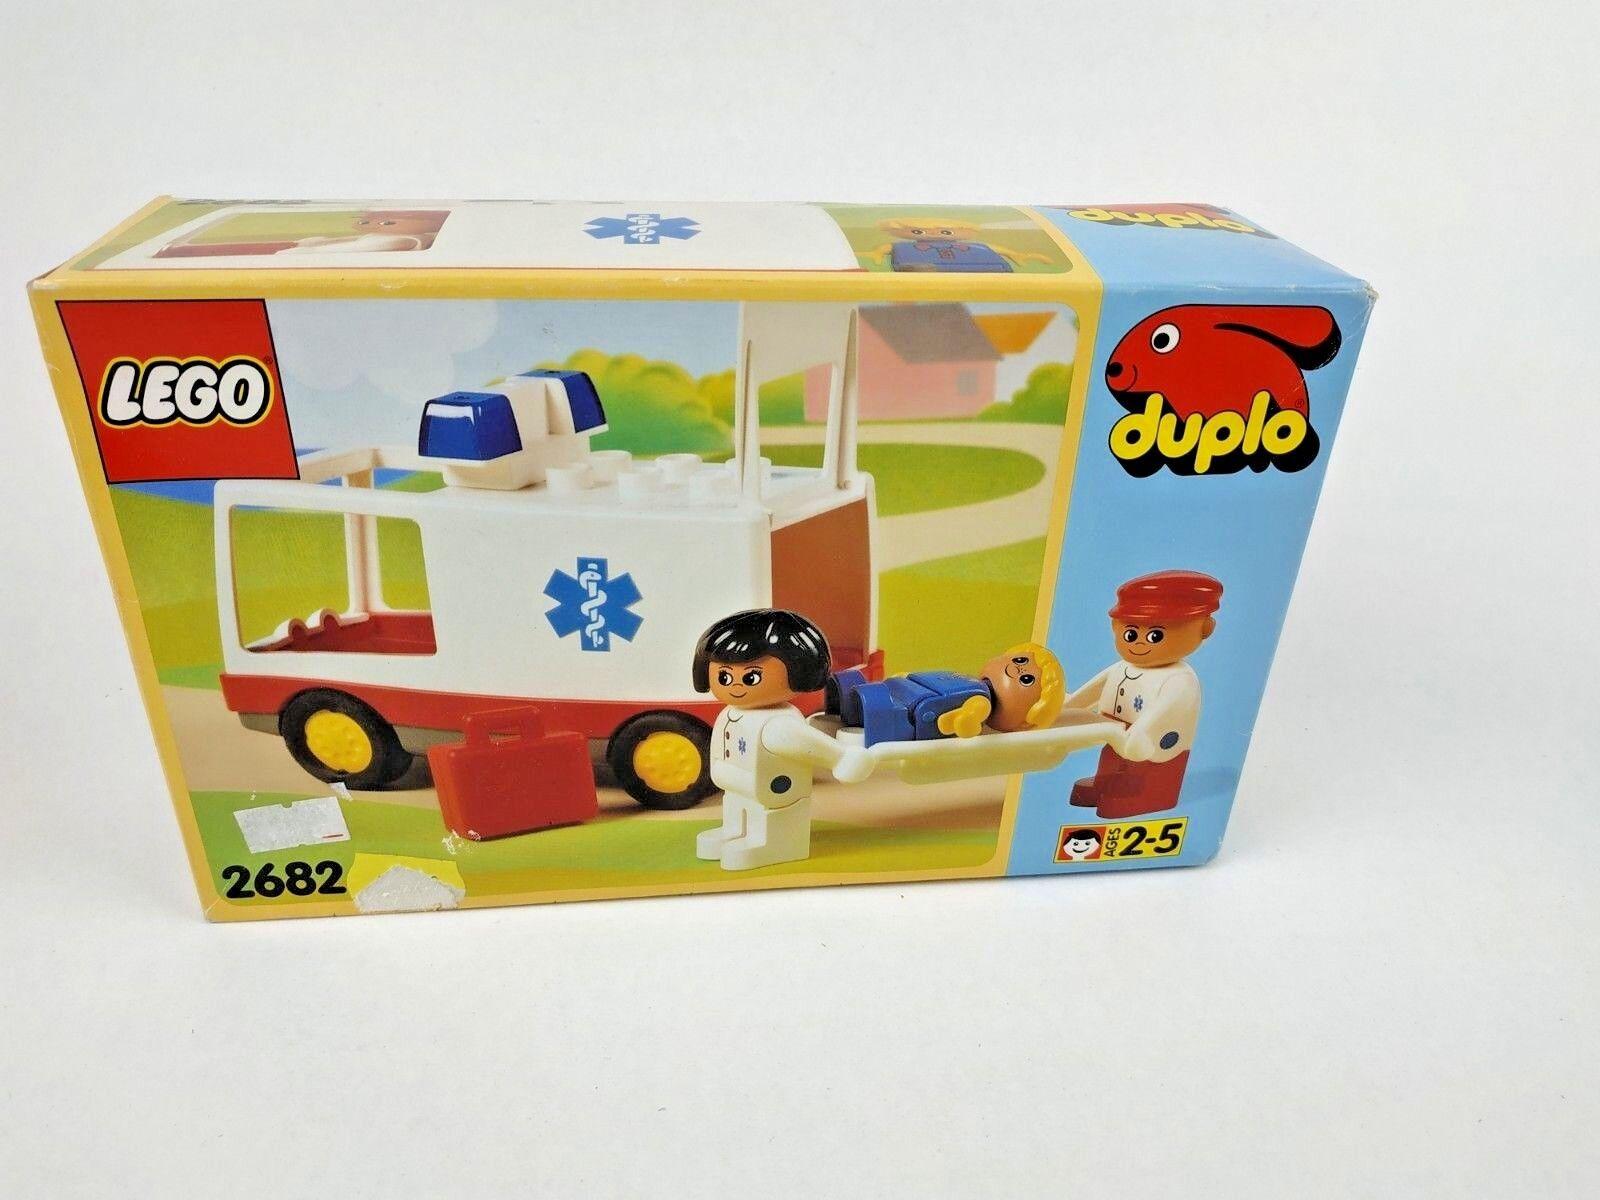 RARE VINTAGE 1994 LEGO DUPLO 2682 AMBULANCE SET nuovo  SEALED  la migliore moda